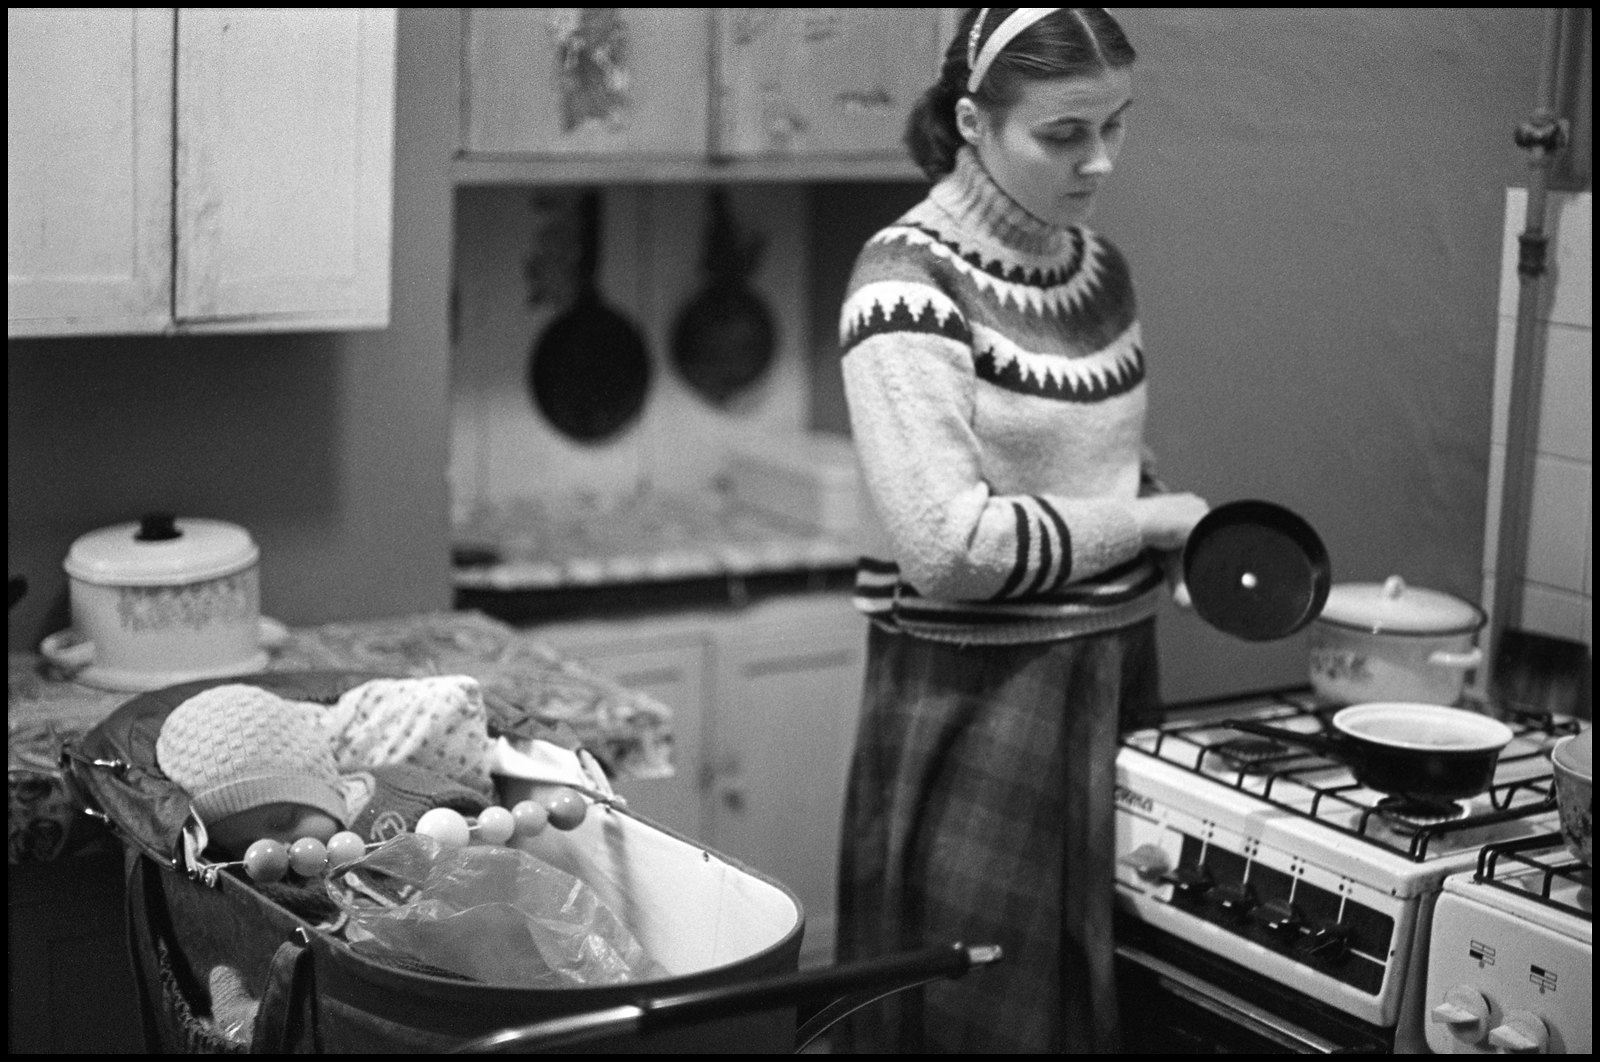 1985. Коммунальная кухня. Варя кормит Митю